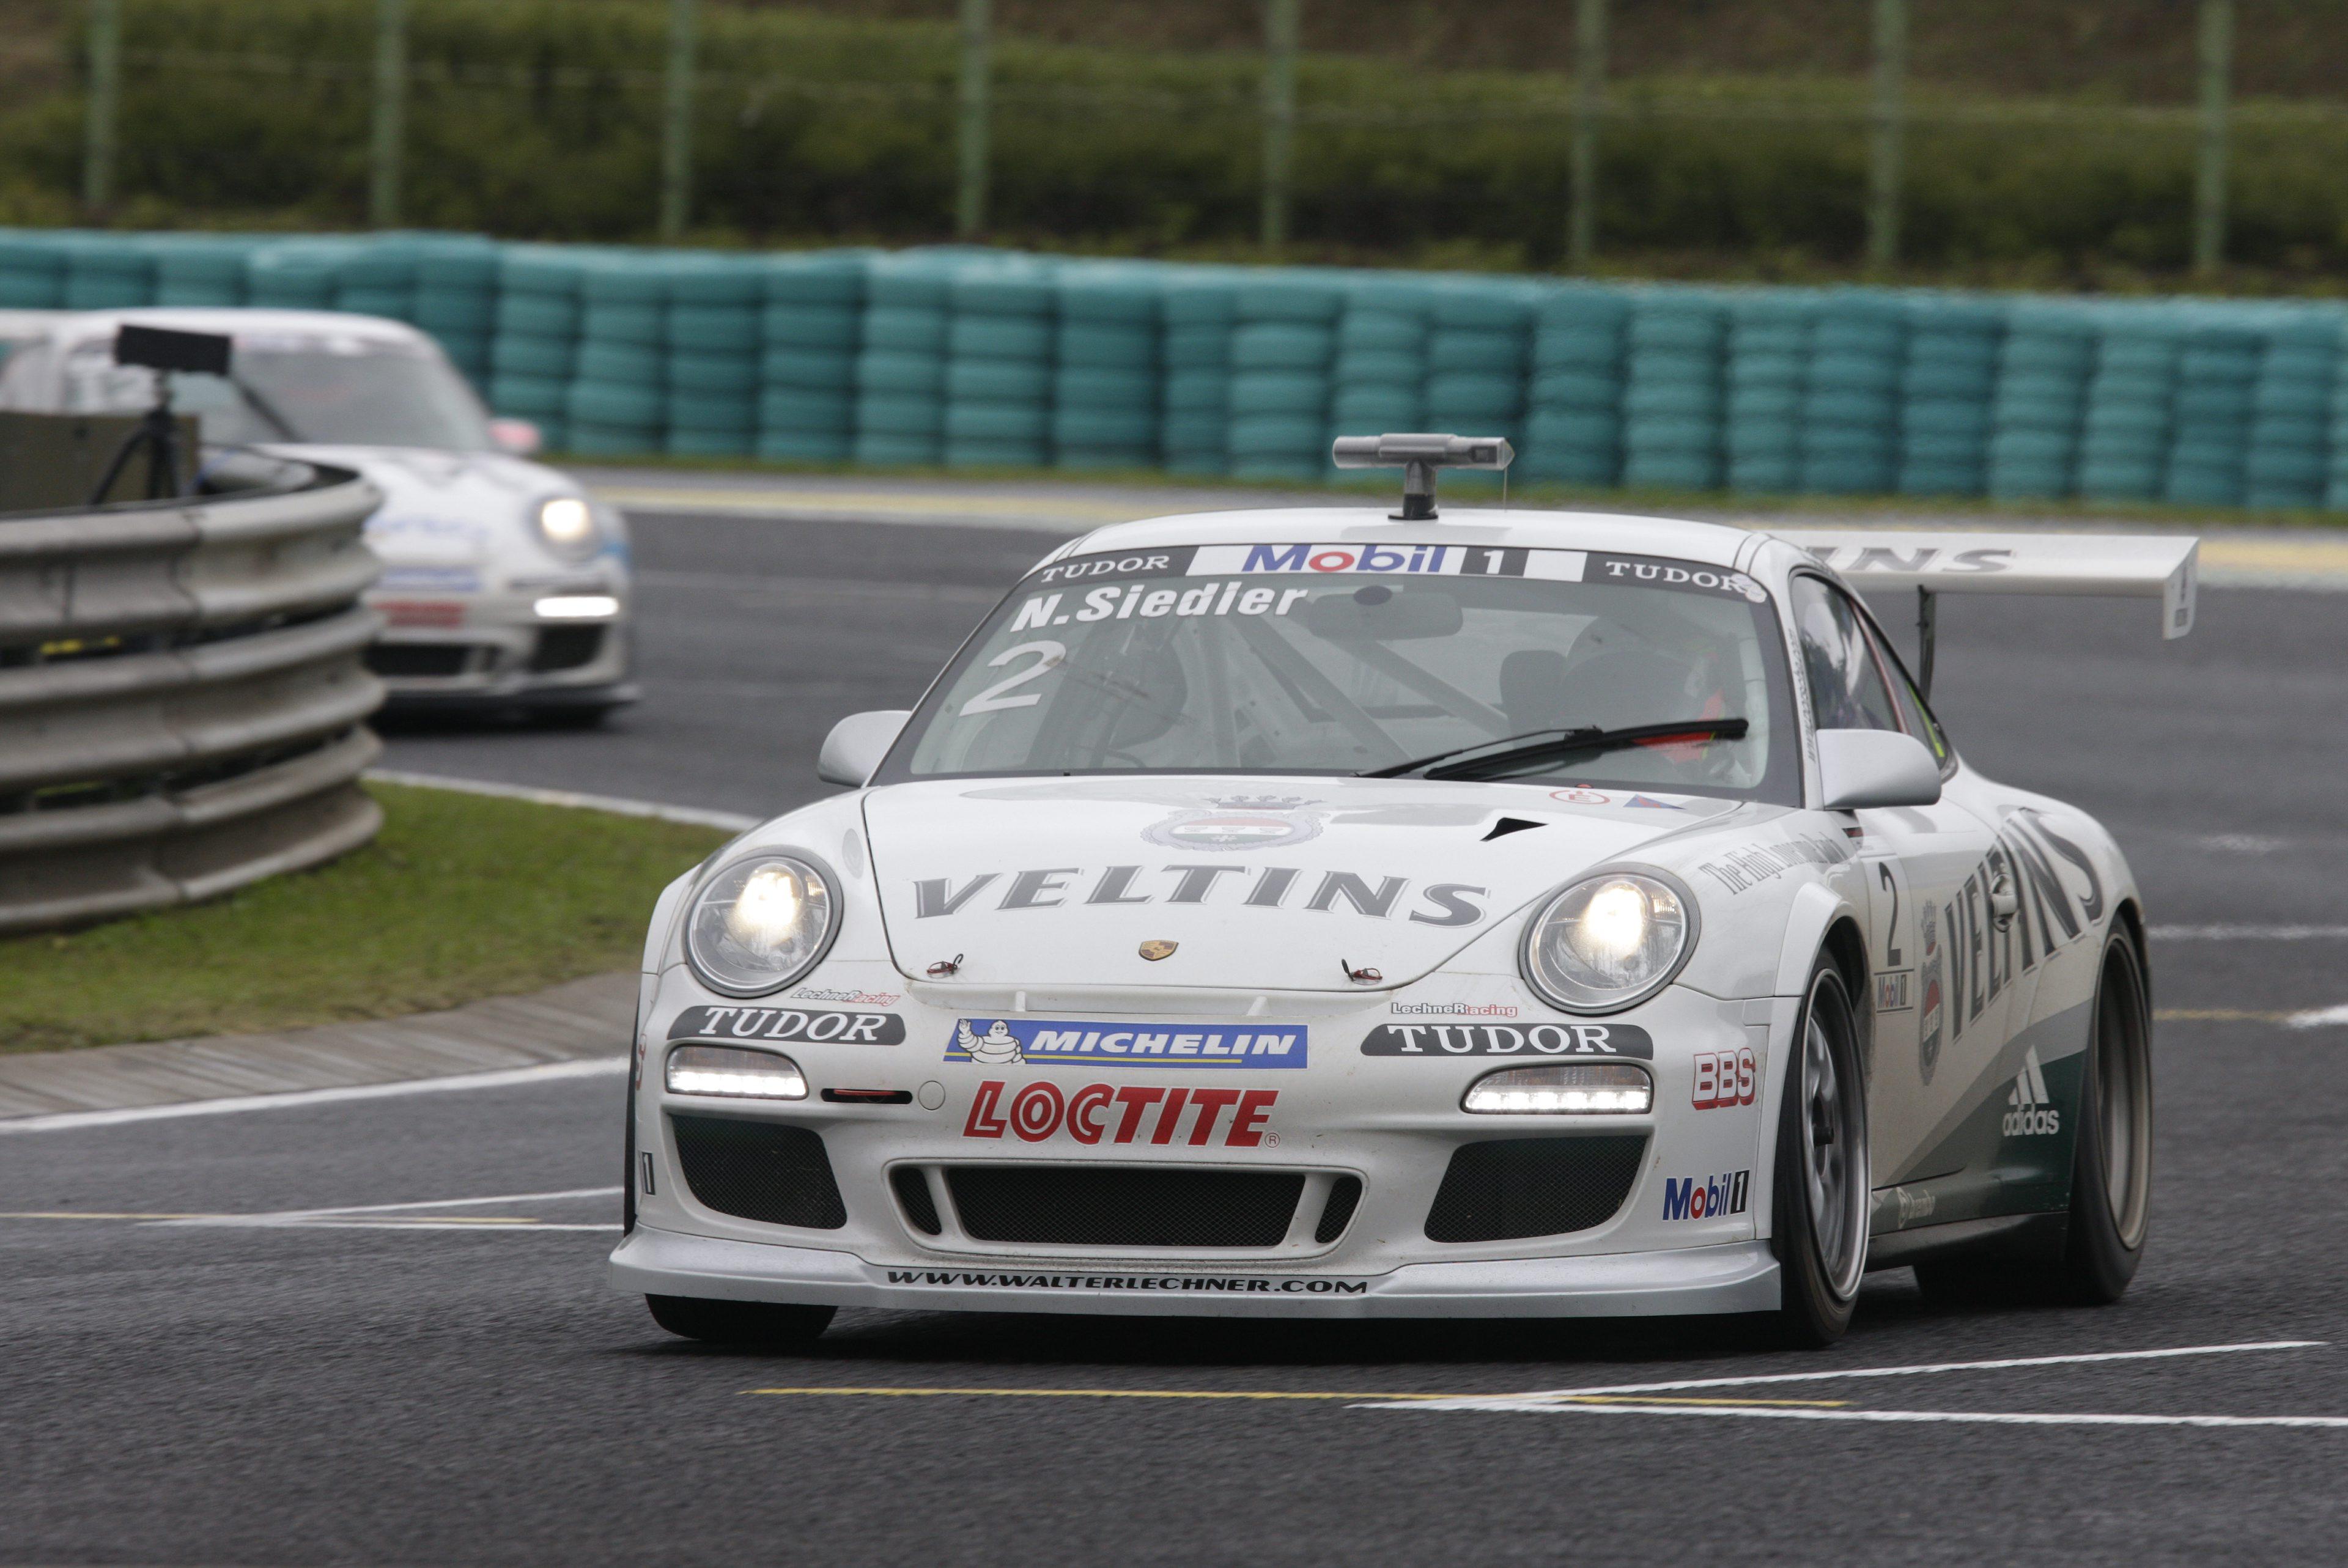 m11_3052_fine Cozy Prix D'une Porsche 911 Gt1 Cars Trend